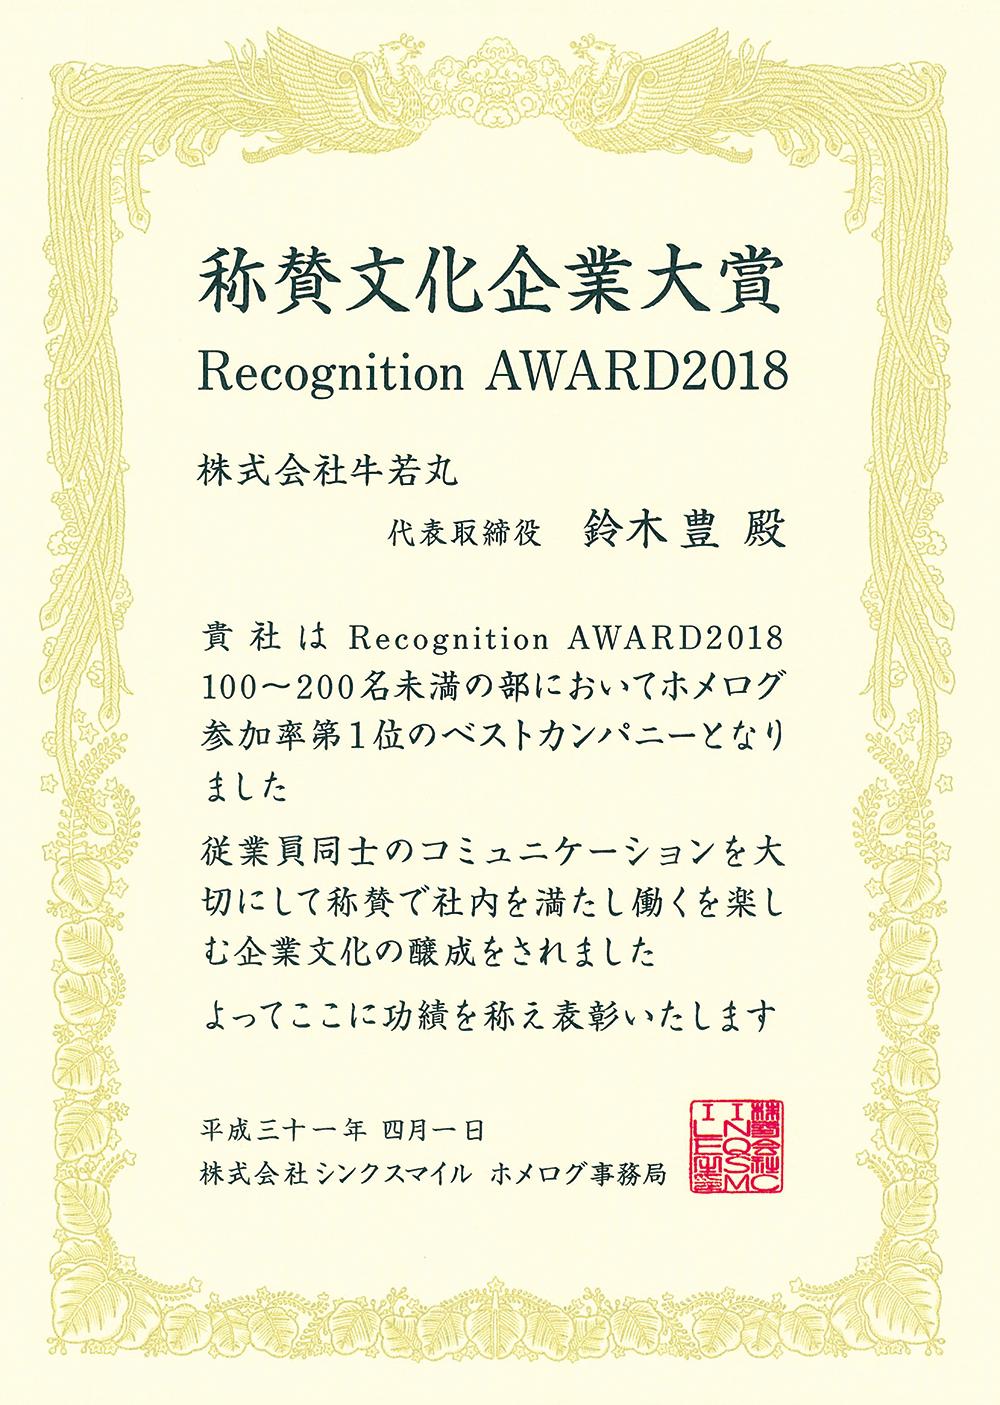 ★二連覇★HoooP参加率全国トップ!